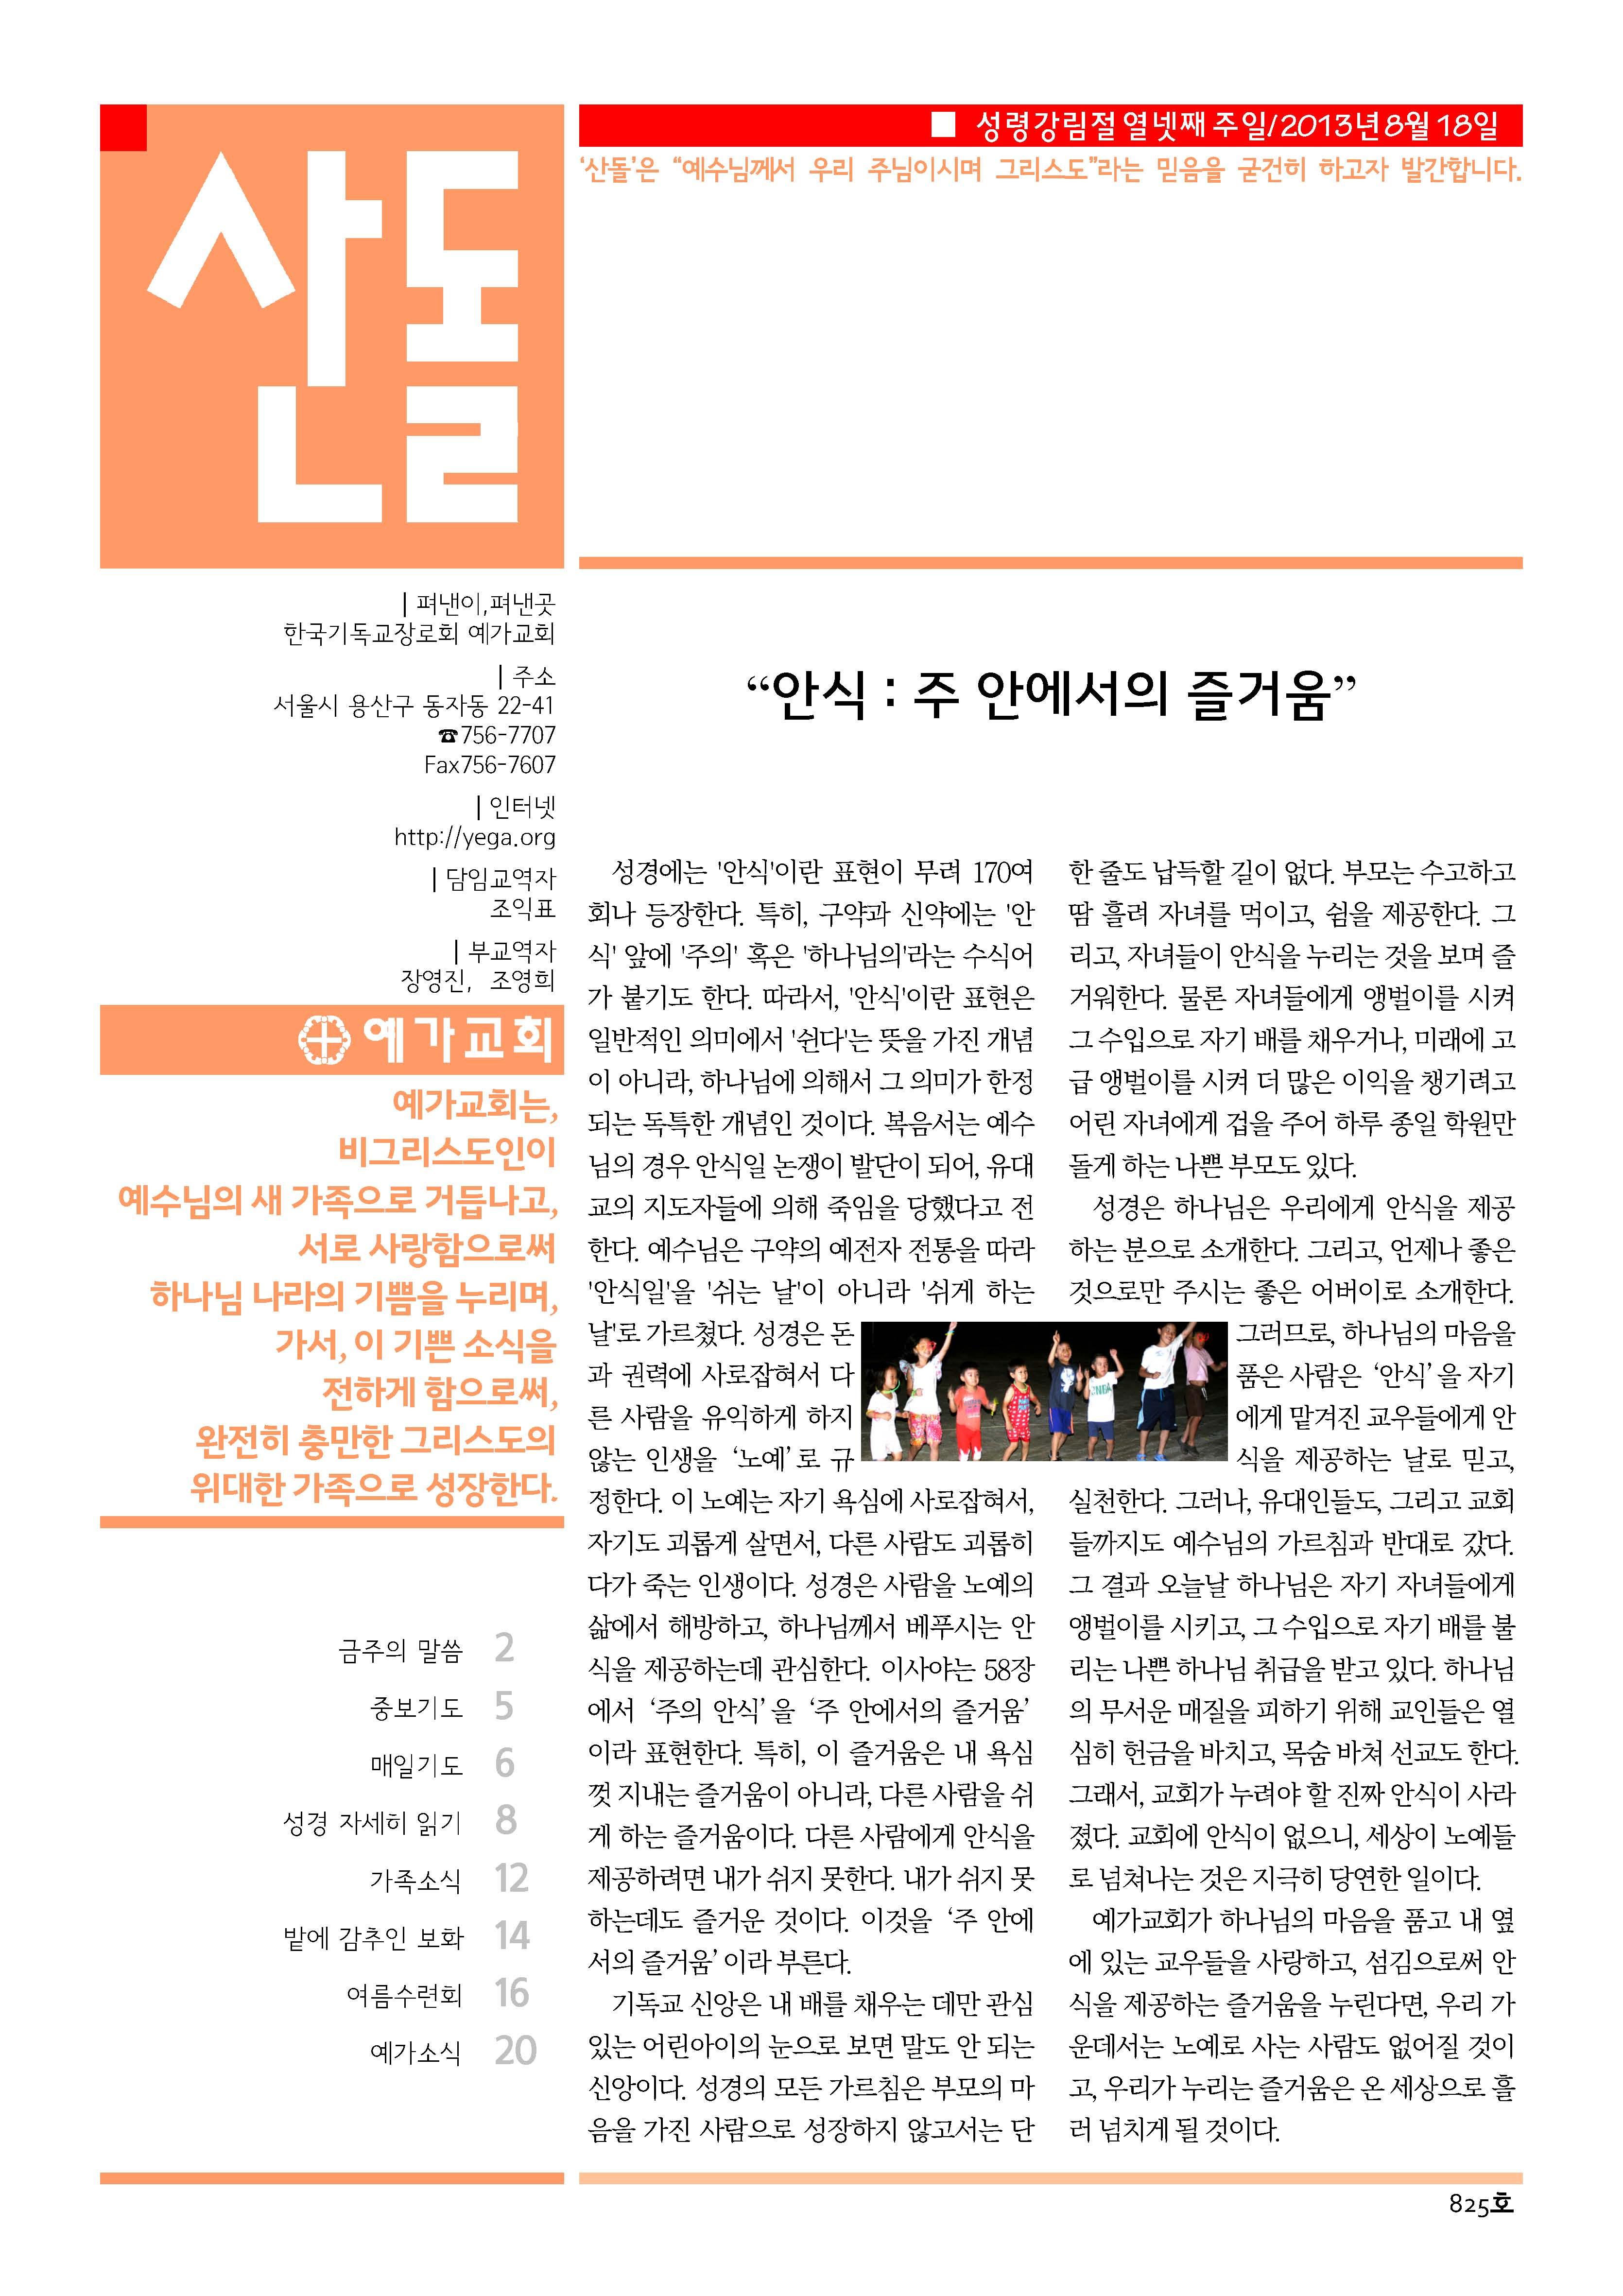 13sdjb0818_Page_01.jpg